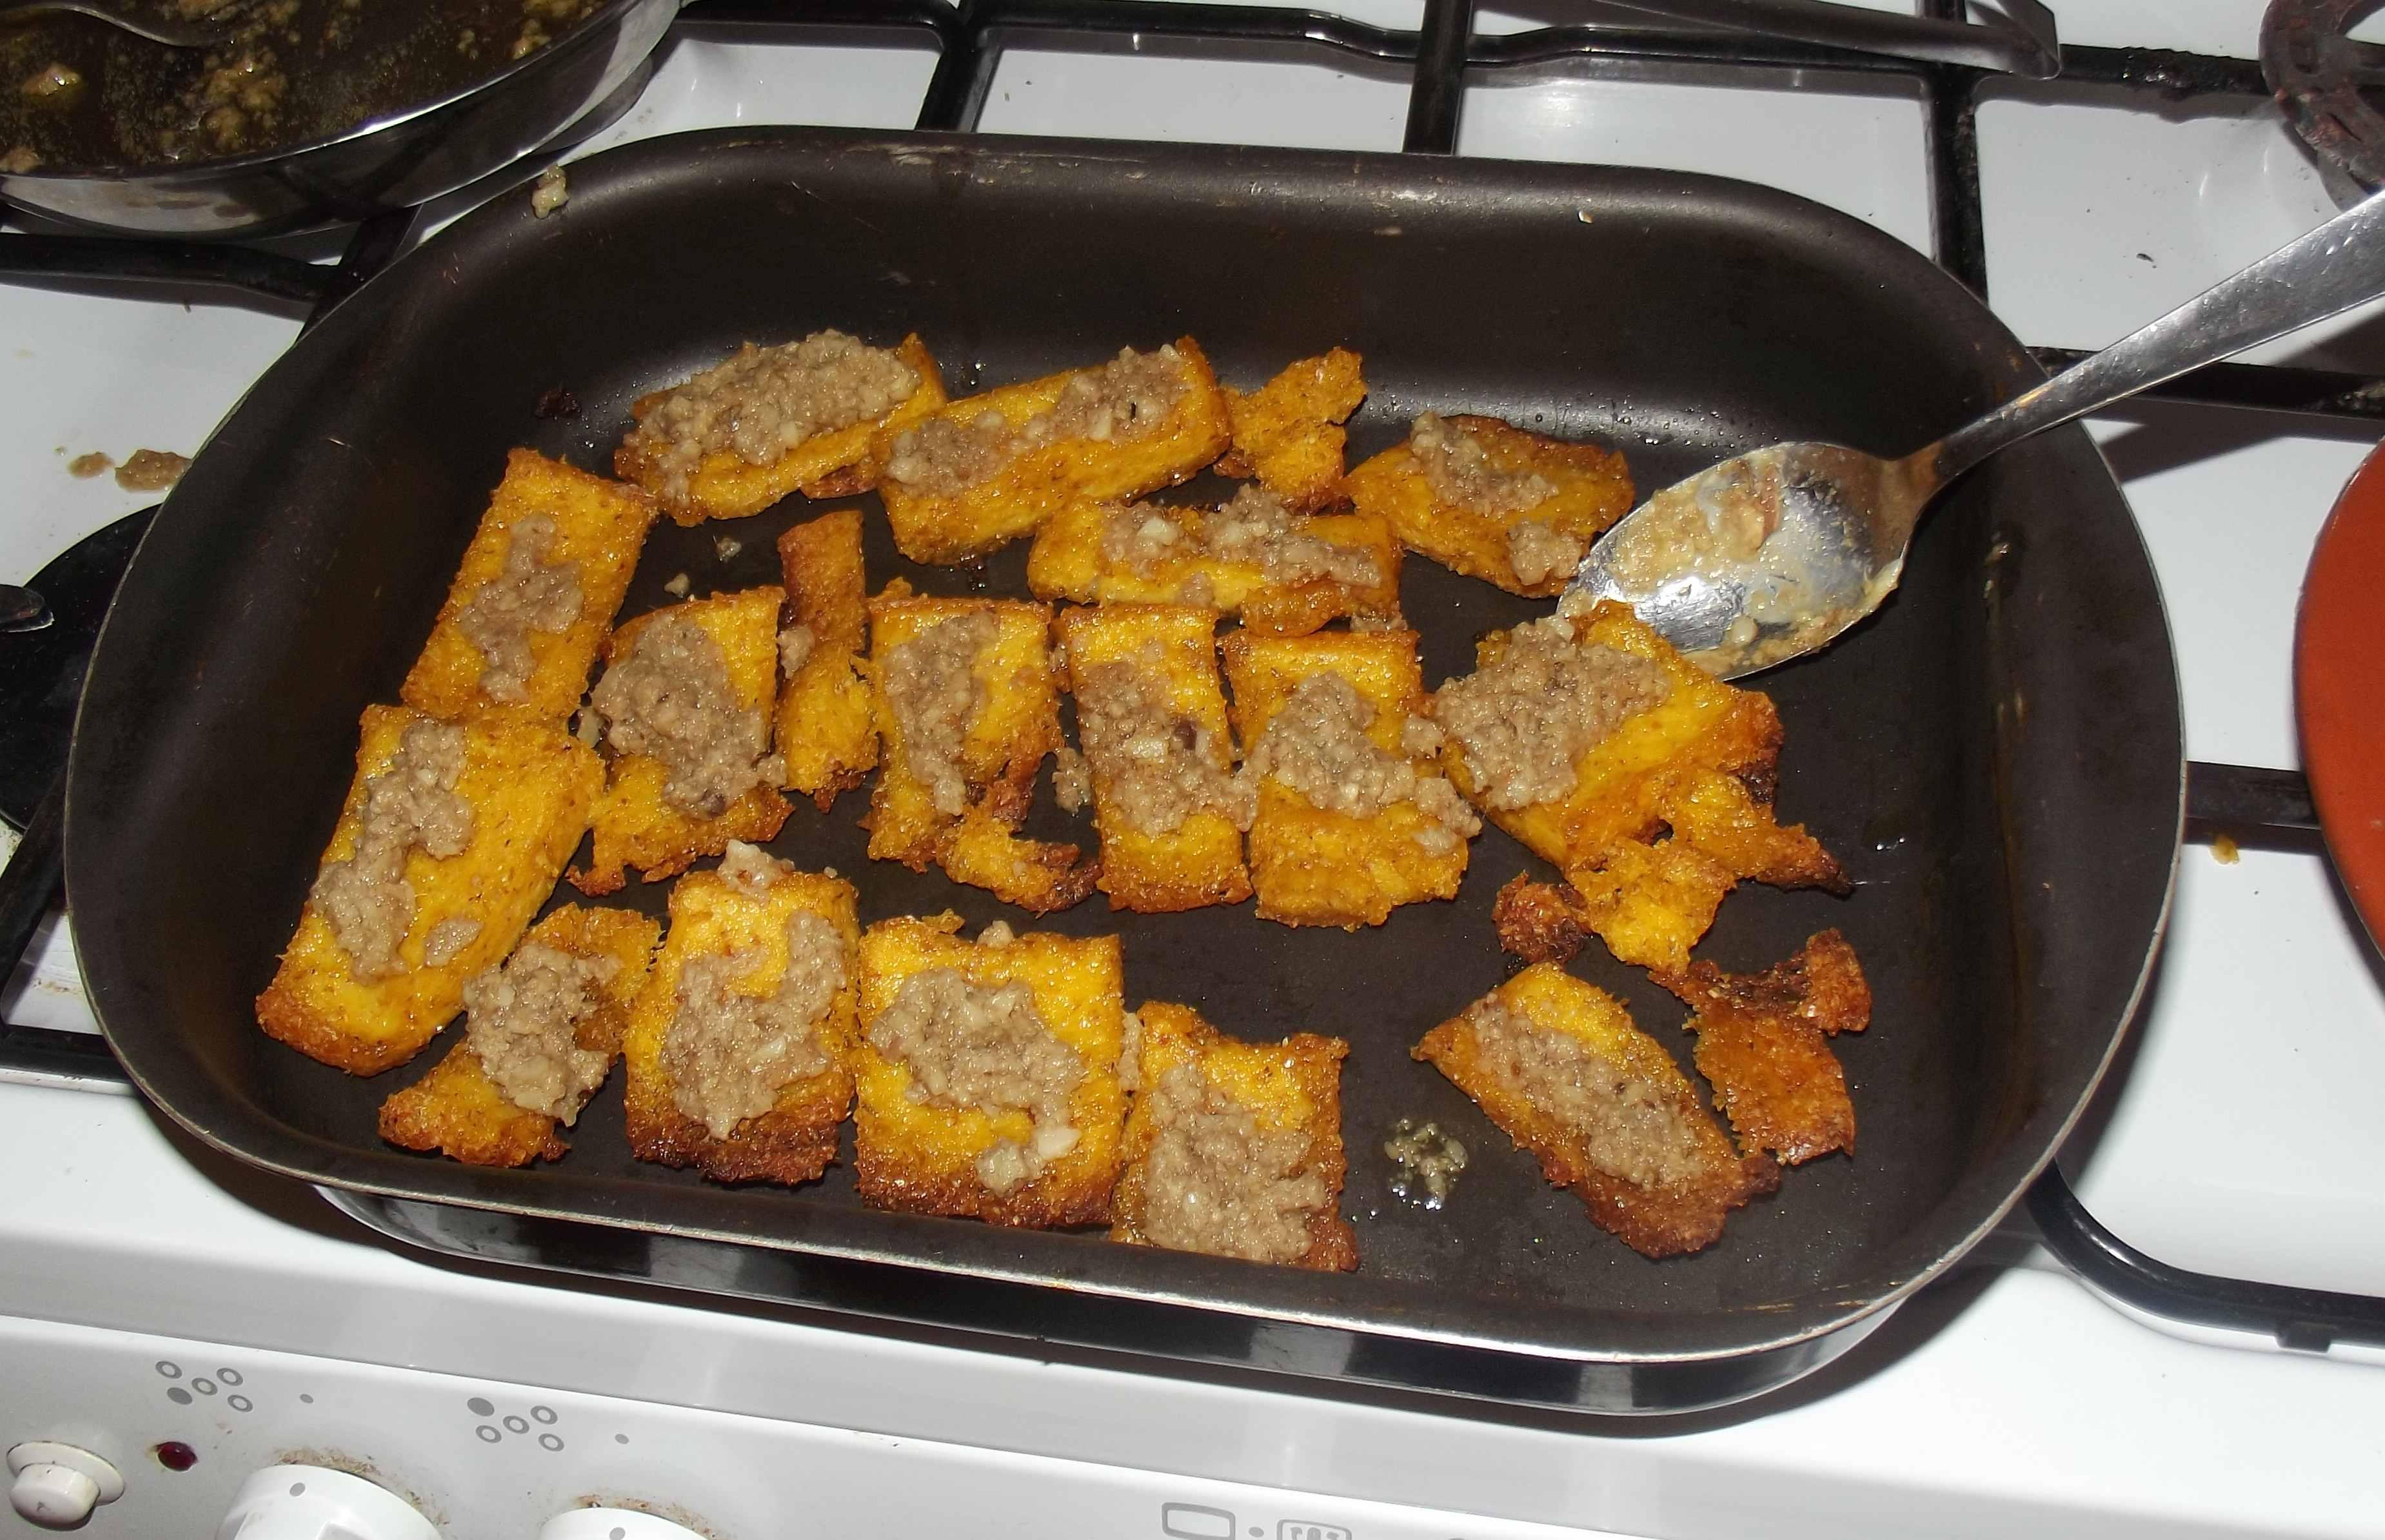 File:Polenta al forno con bagna caoda.jpg - Wikimedia Commons